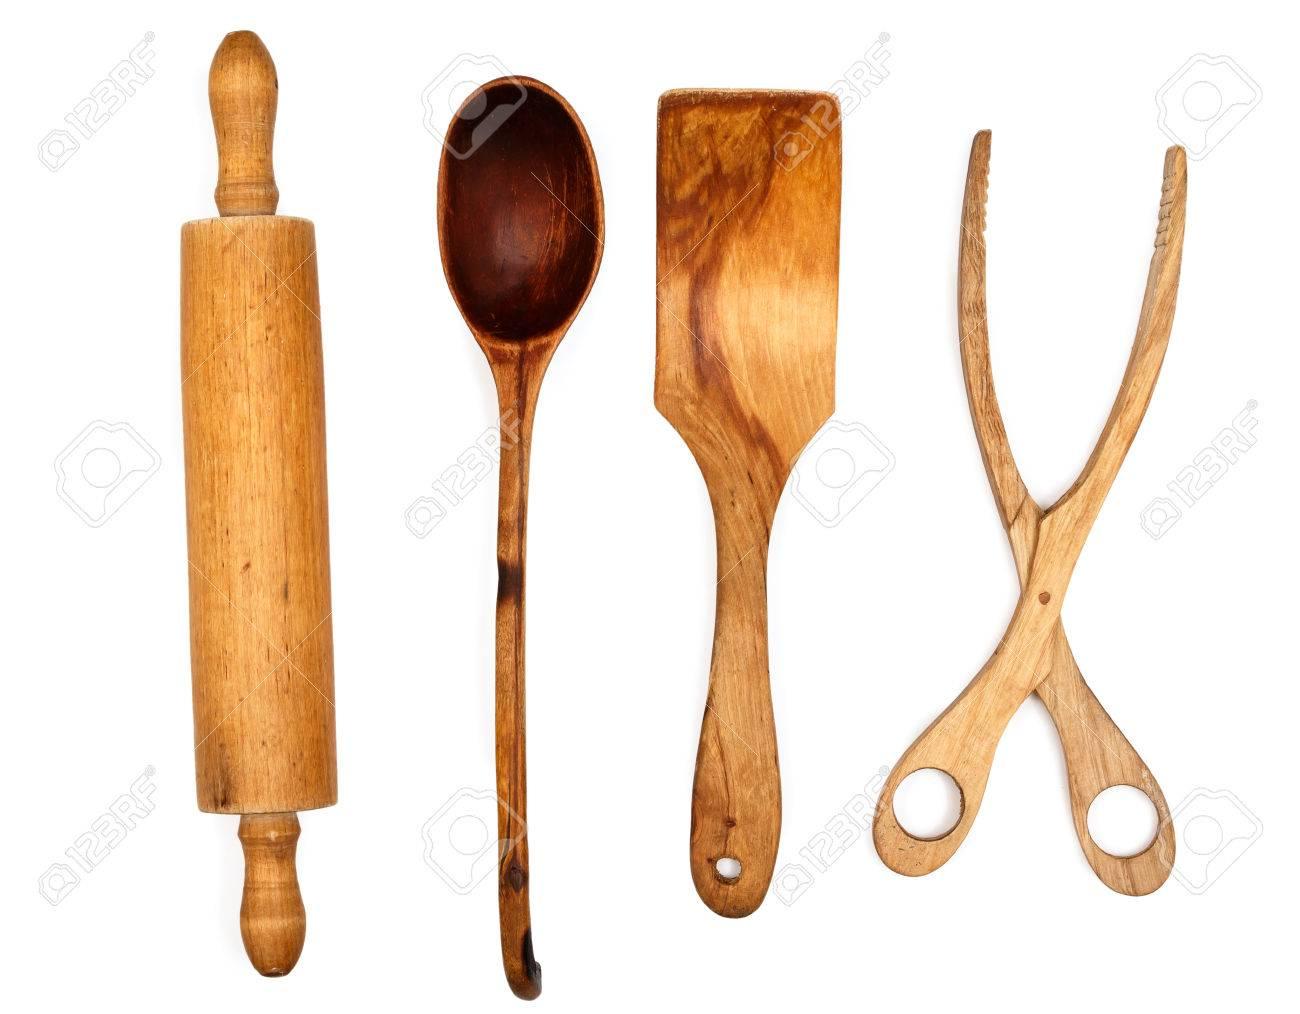 Kuchenutensilien Aus Holz Auf Weissem Hintergrund Lizenzfreie Fotos Bilder Und Stock Fotografie Image 36180102